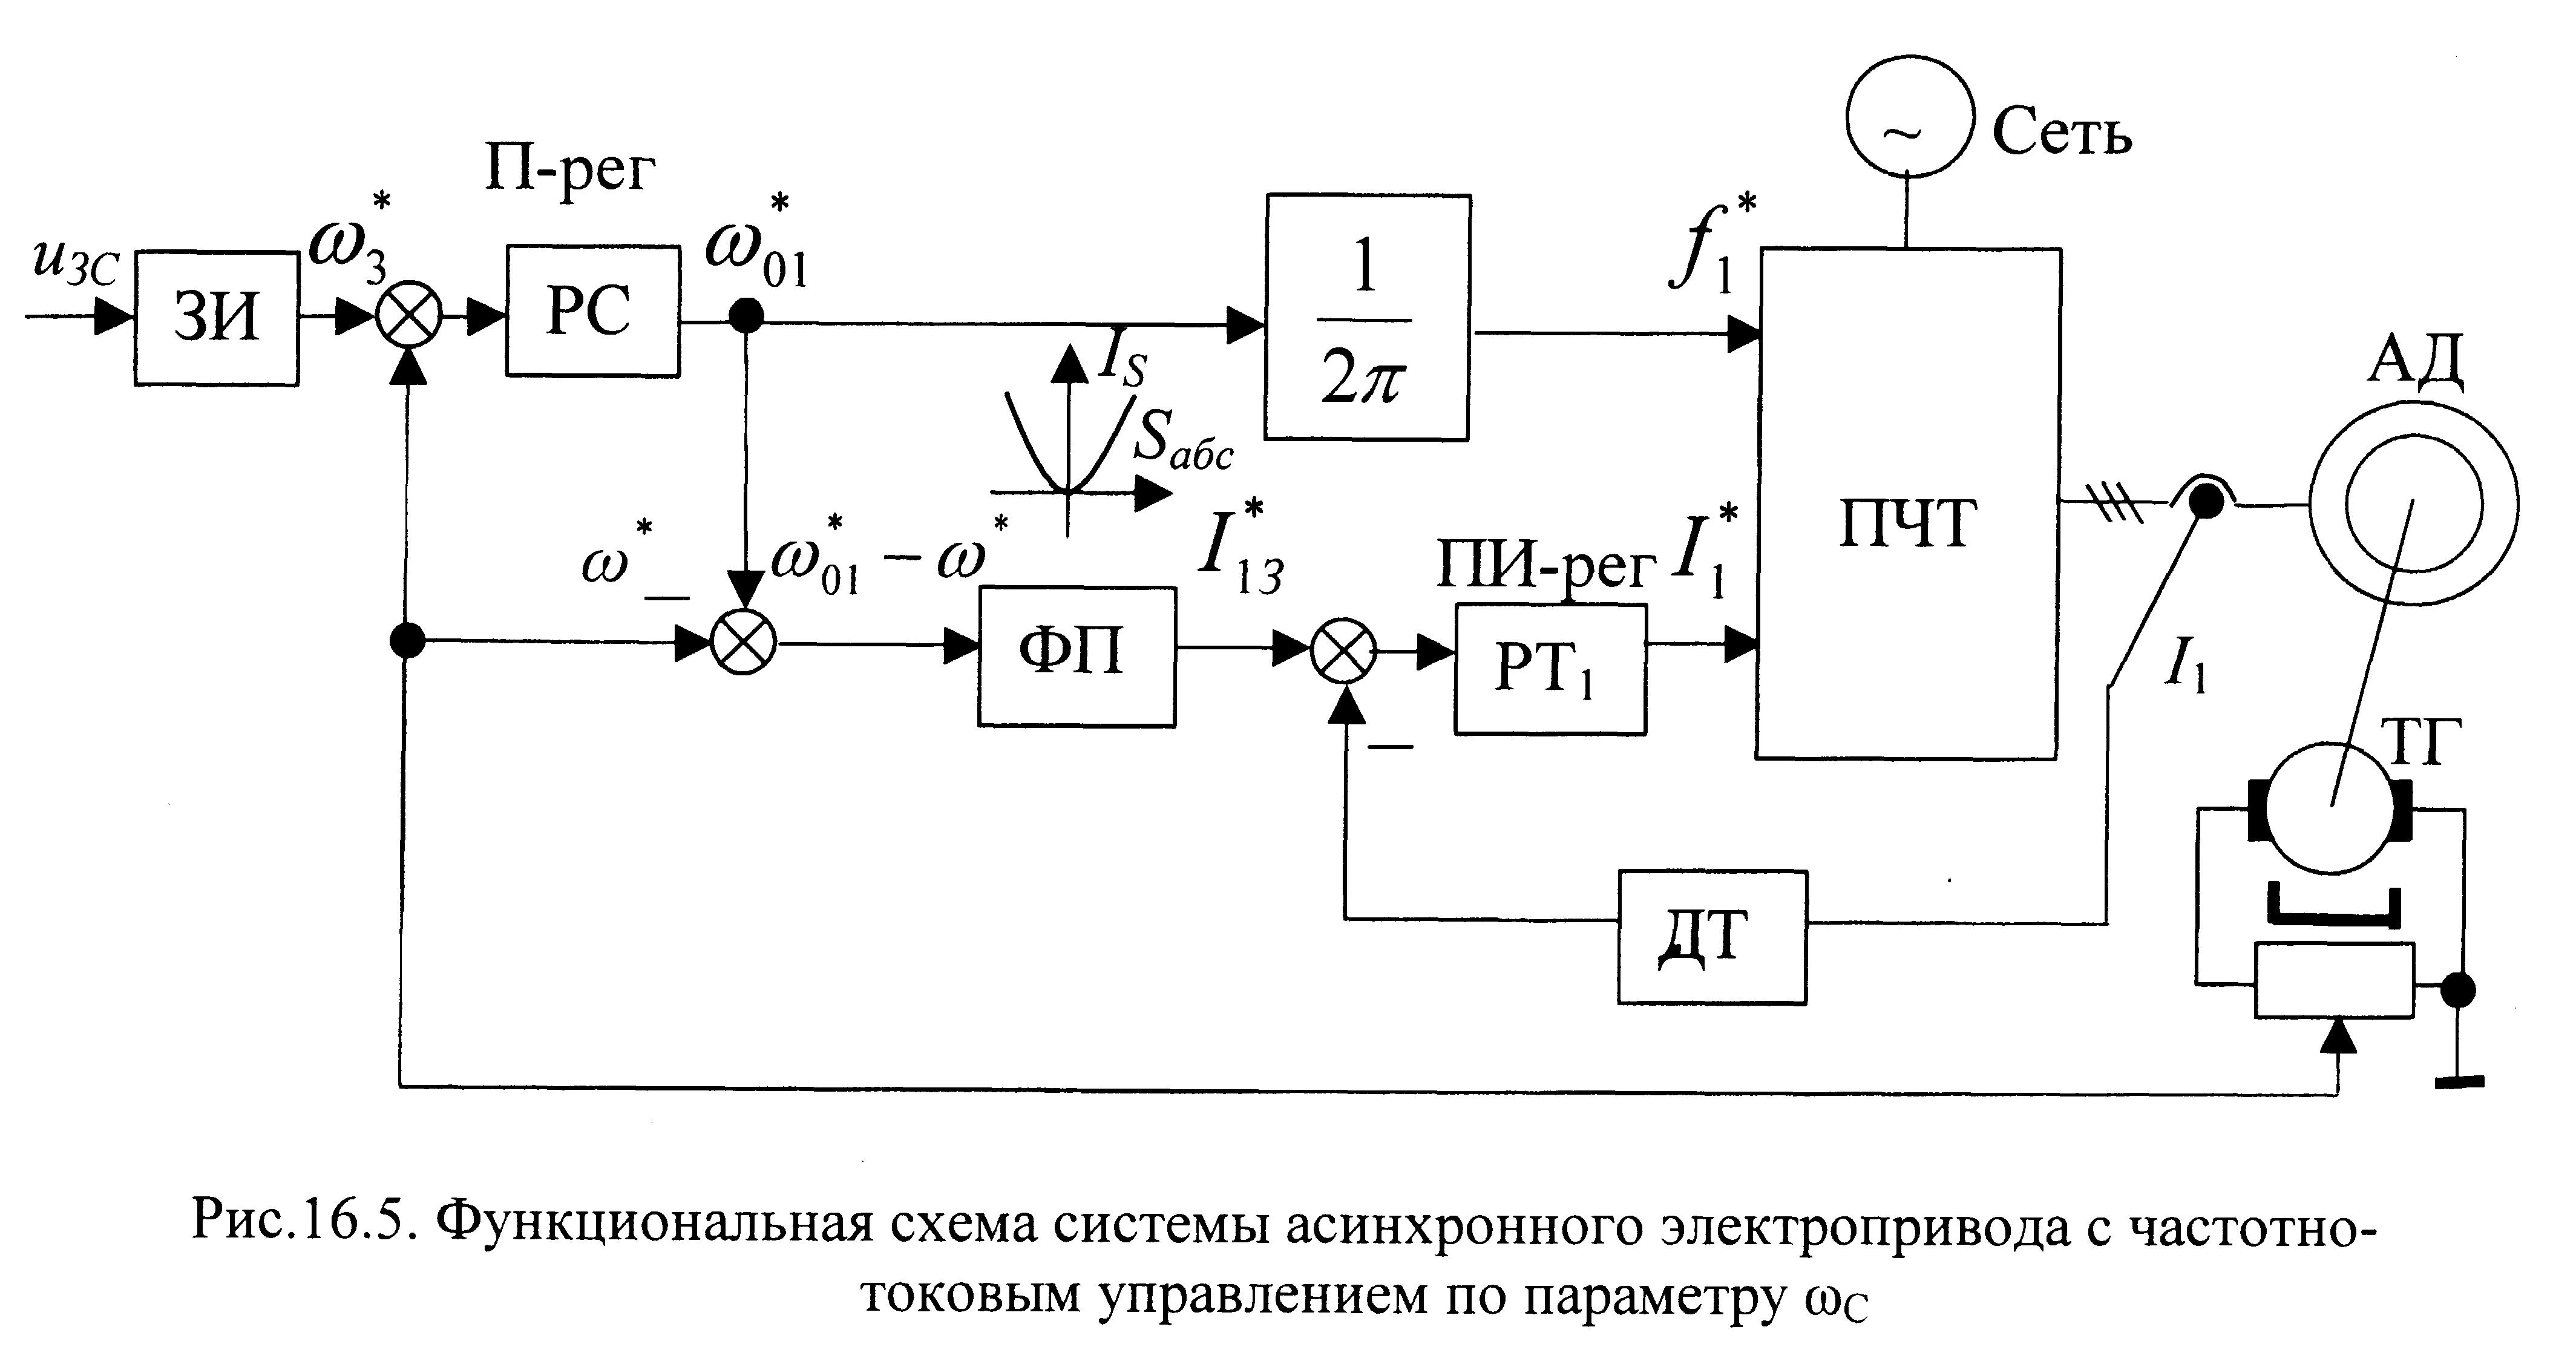 Обзор алгоритмов управления асинхронными электроприводами